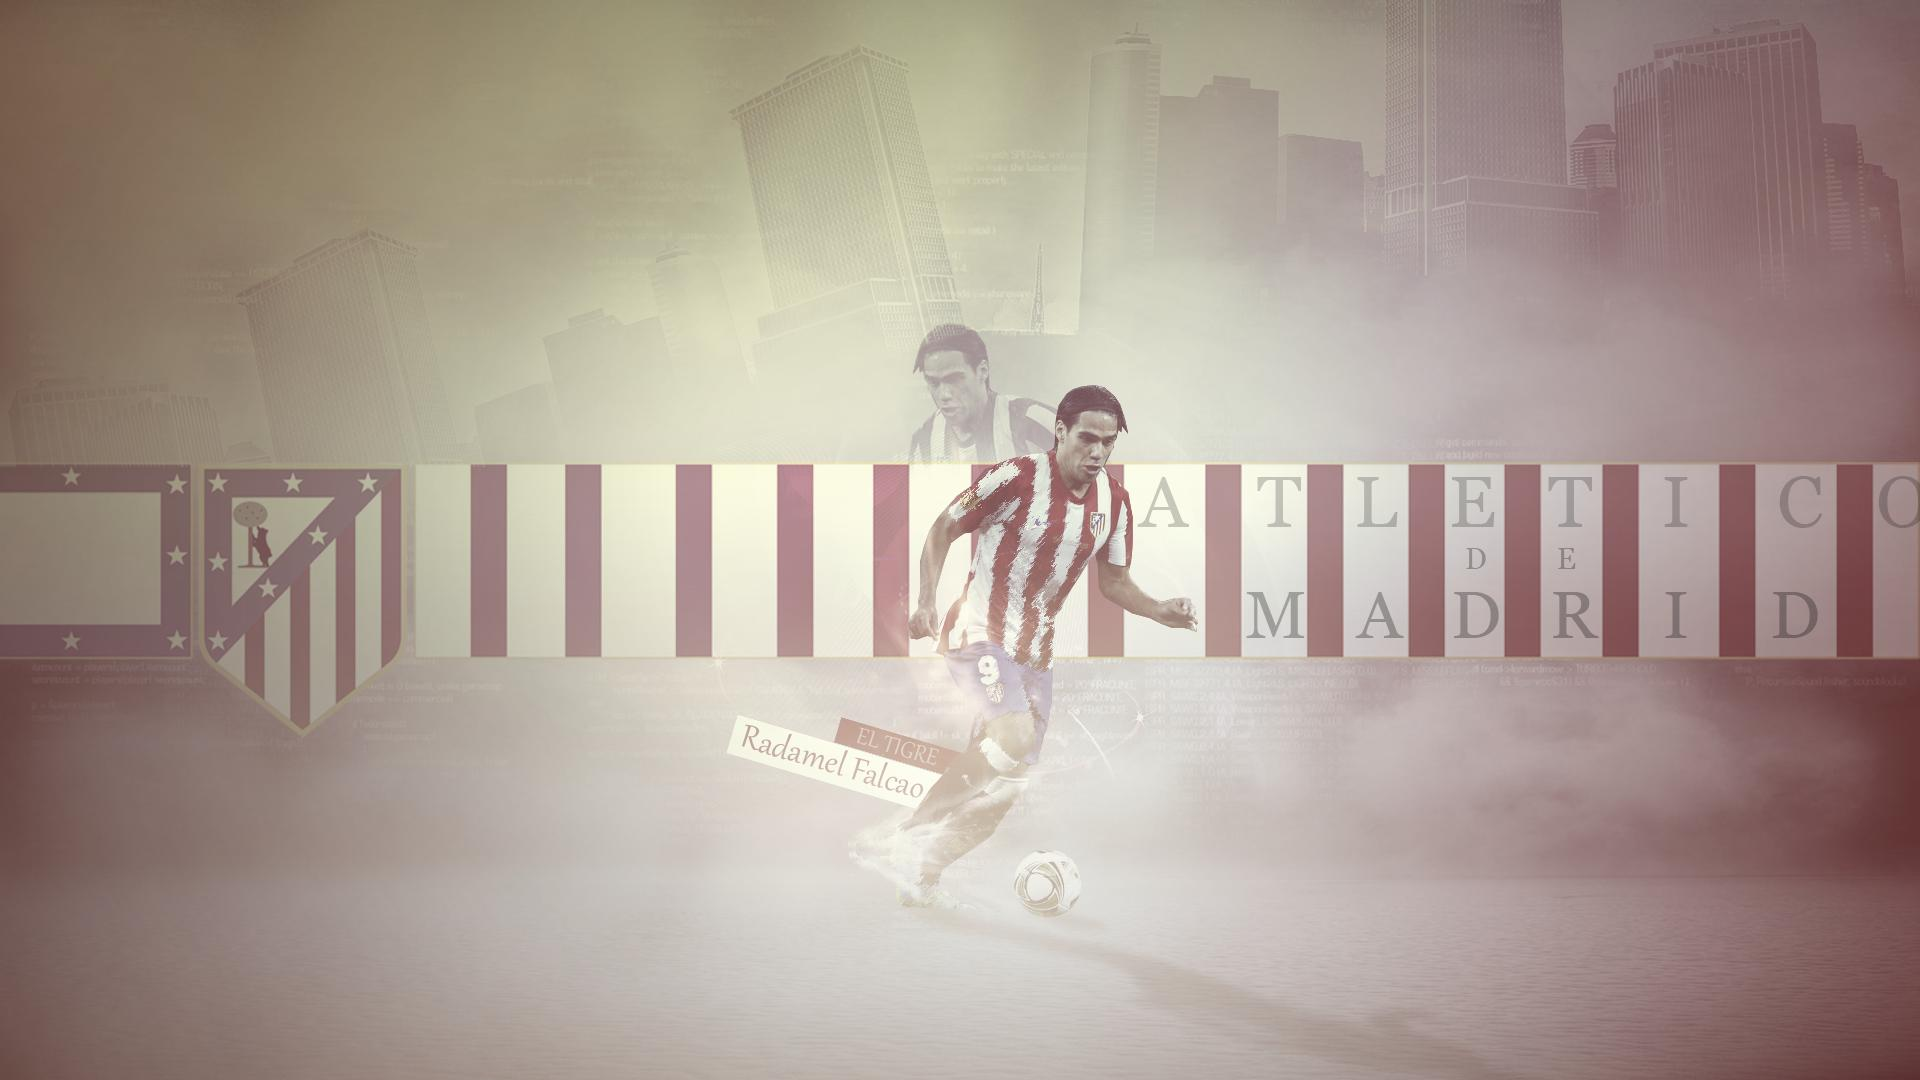 Radamel Falcao Club Atletico De Madrid 2013 Wallpaper 1920x1080